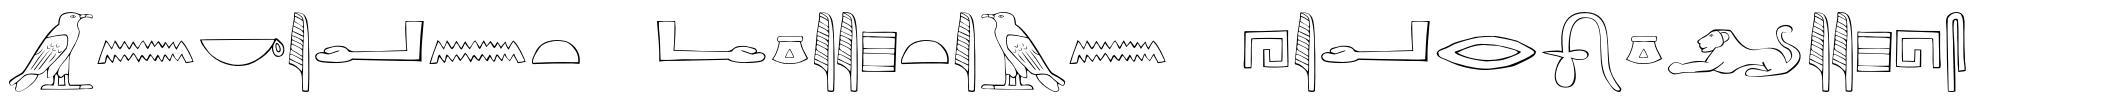 Ancient Egyptian Hieroglyphs font